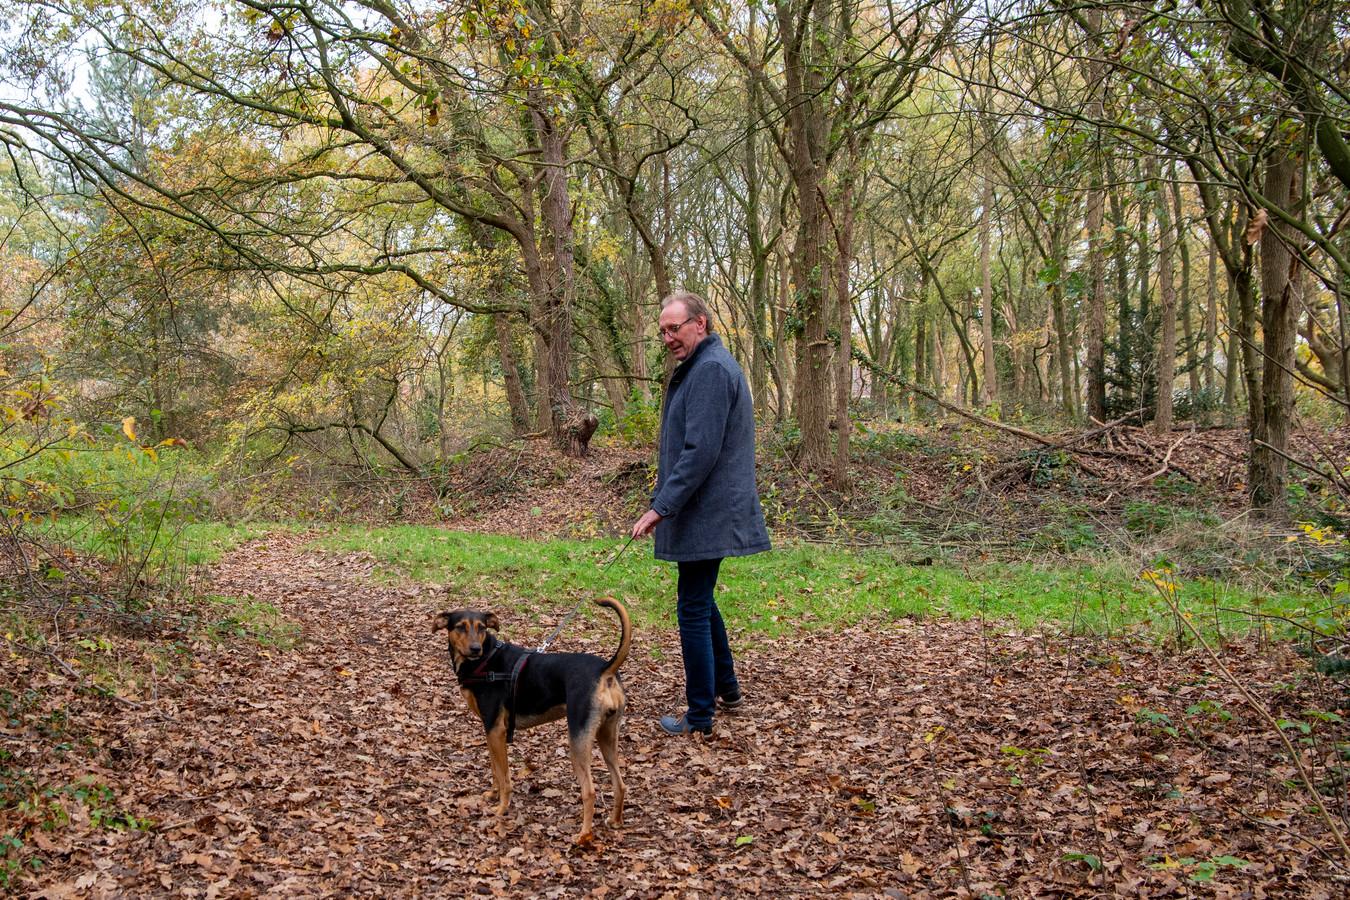 Initiatiefnemer René van der Linde wandelt met zijn hond Moos in het Lemeler bosje dat ingericht wordt als omheinde hondenspeelplaats.